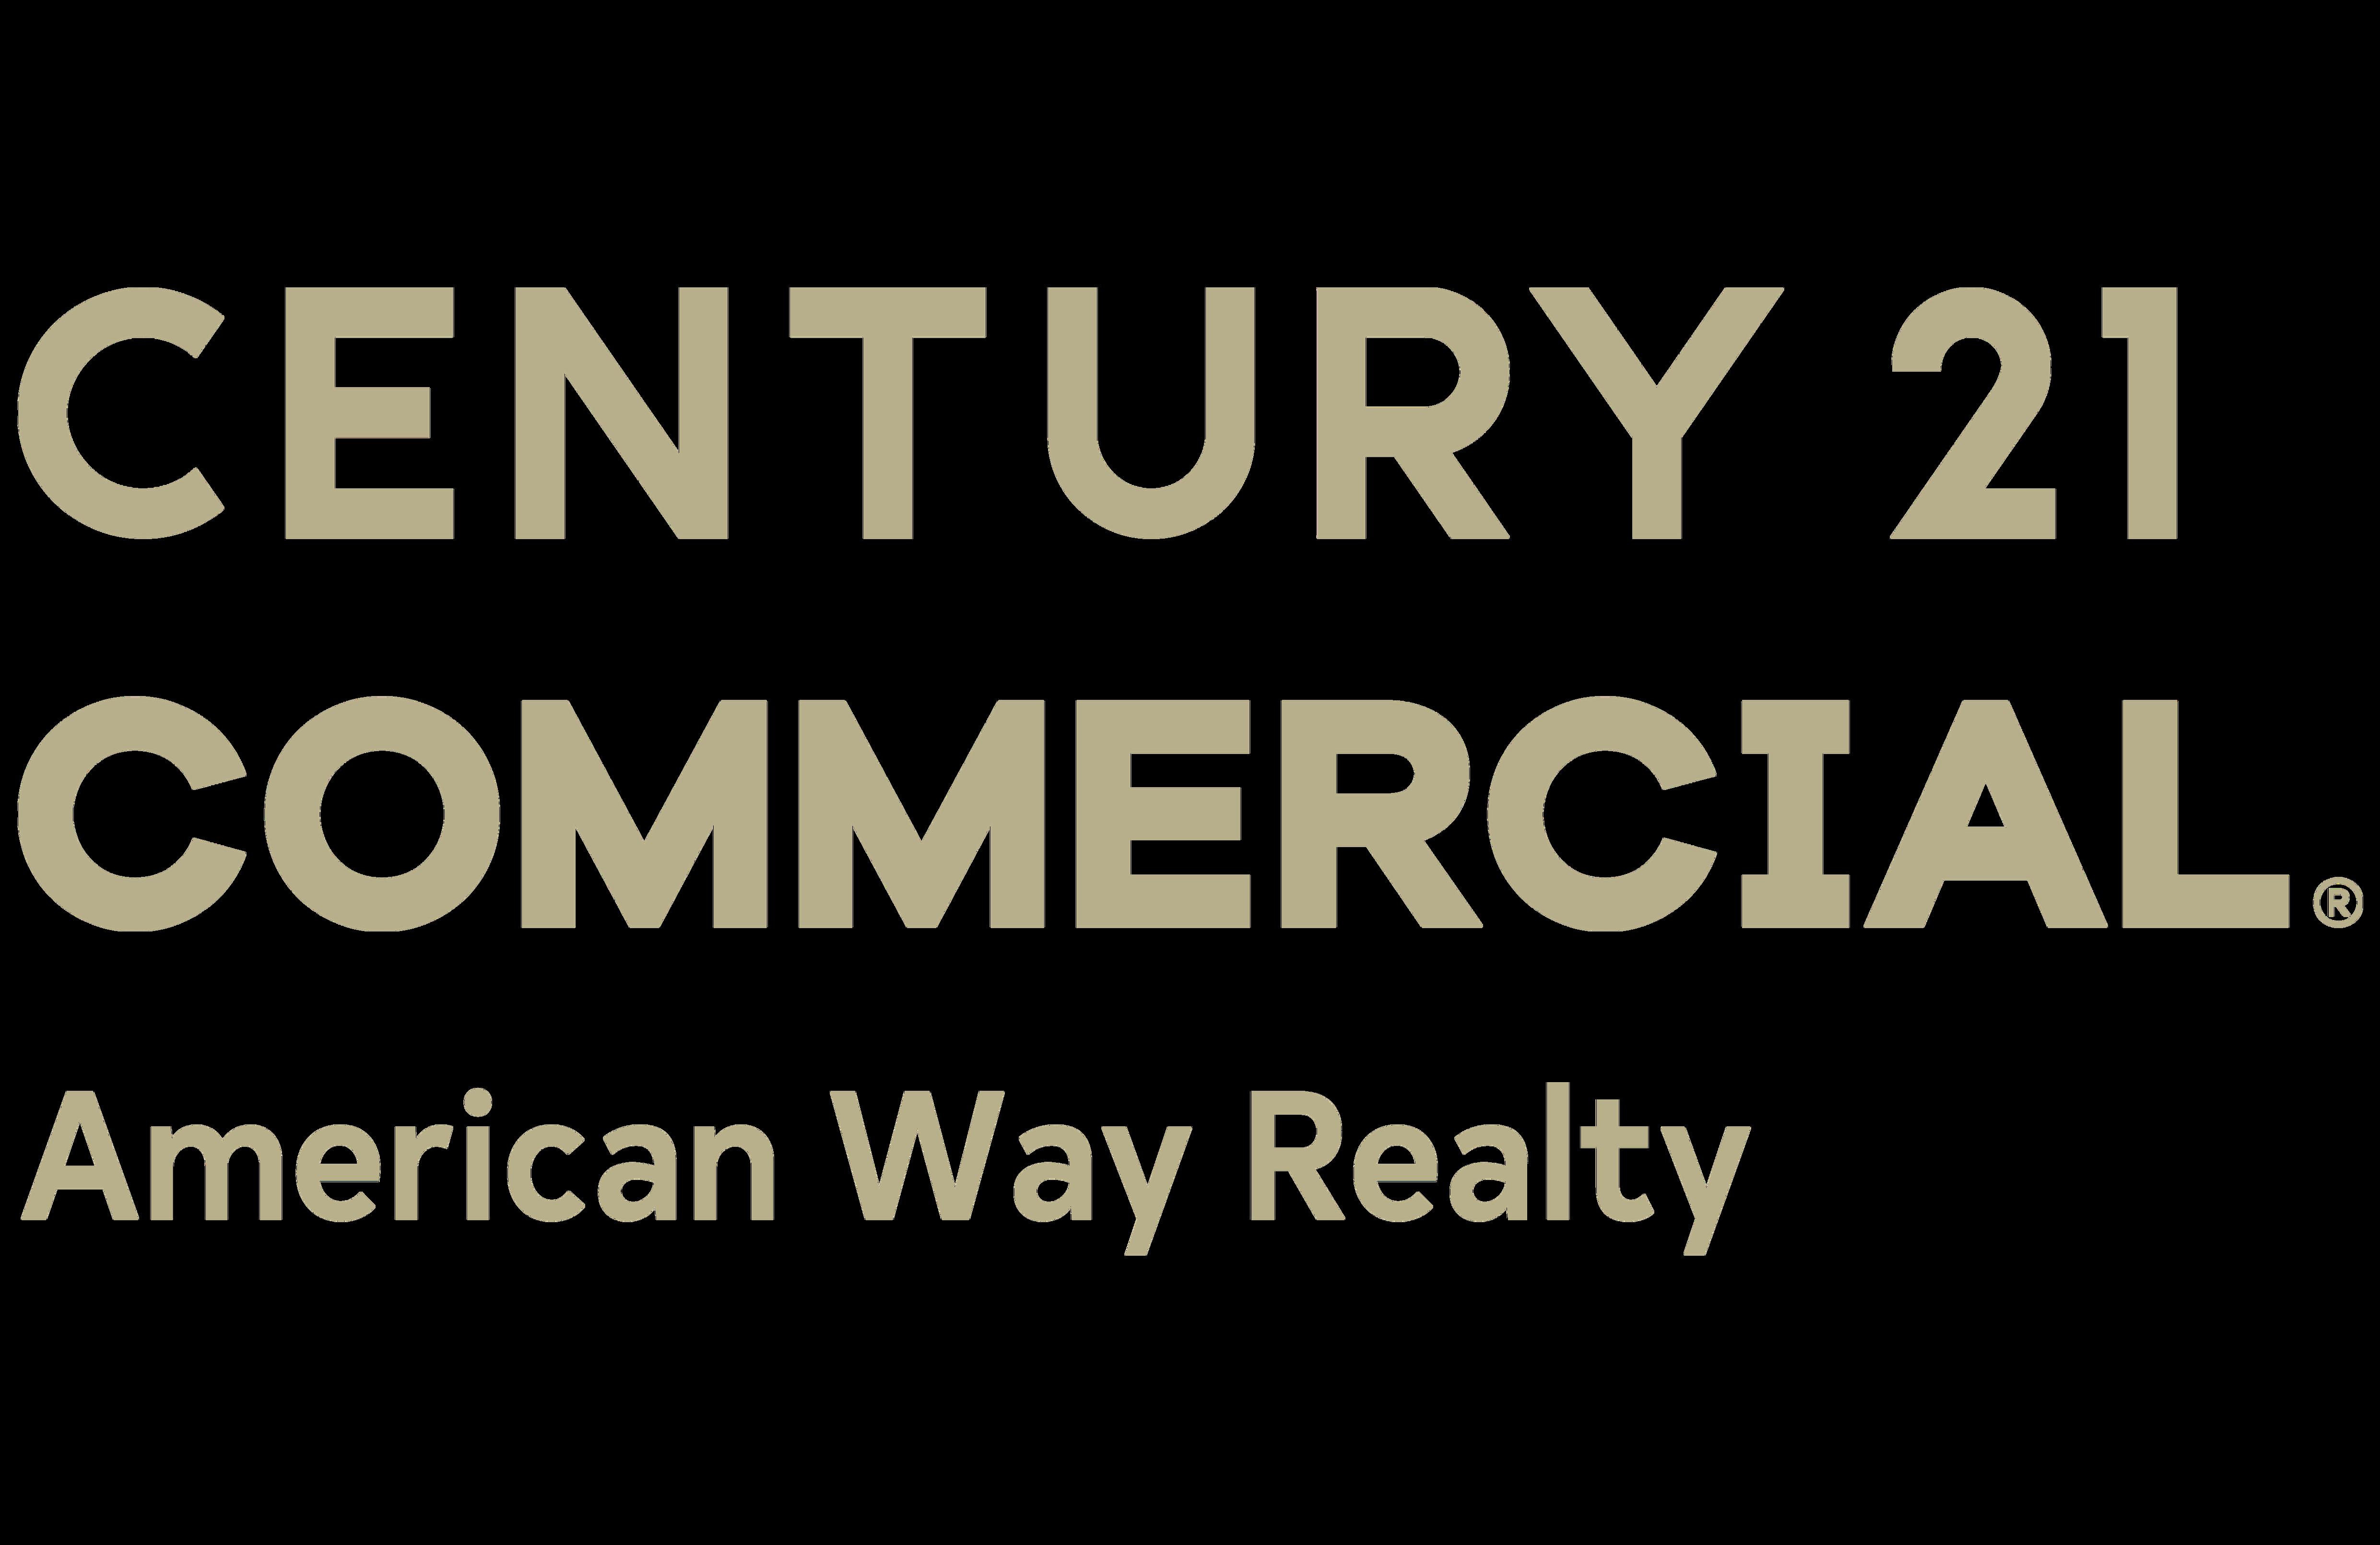 CENTURY 21 American Way Realty